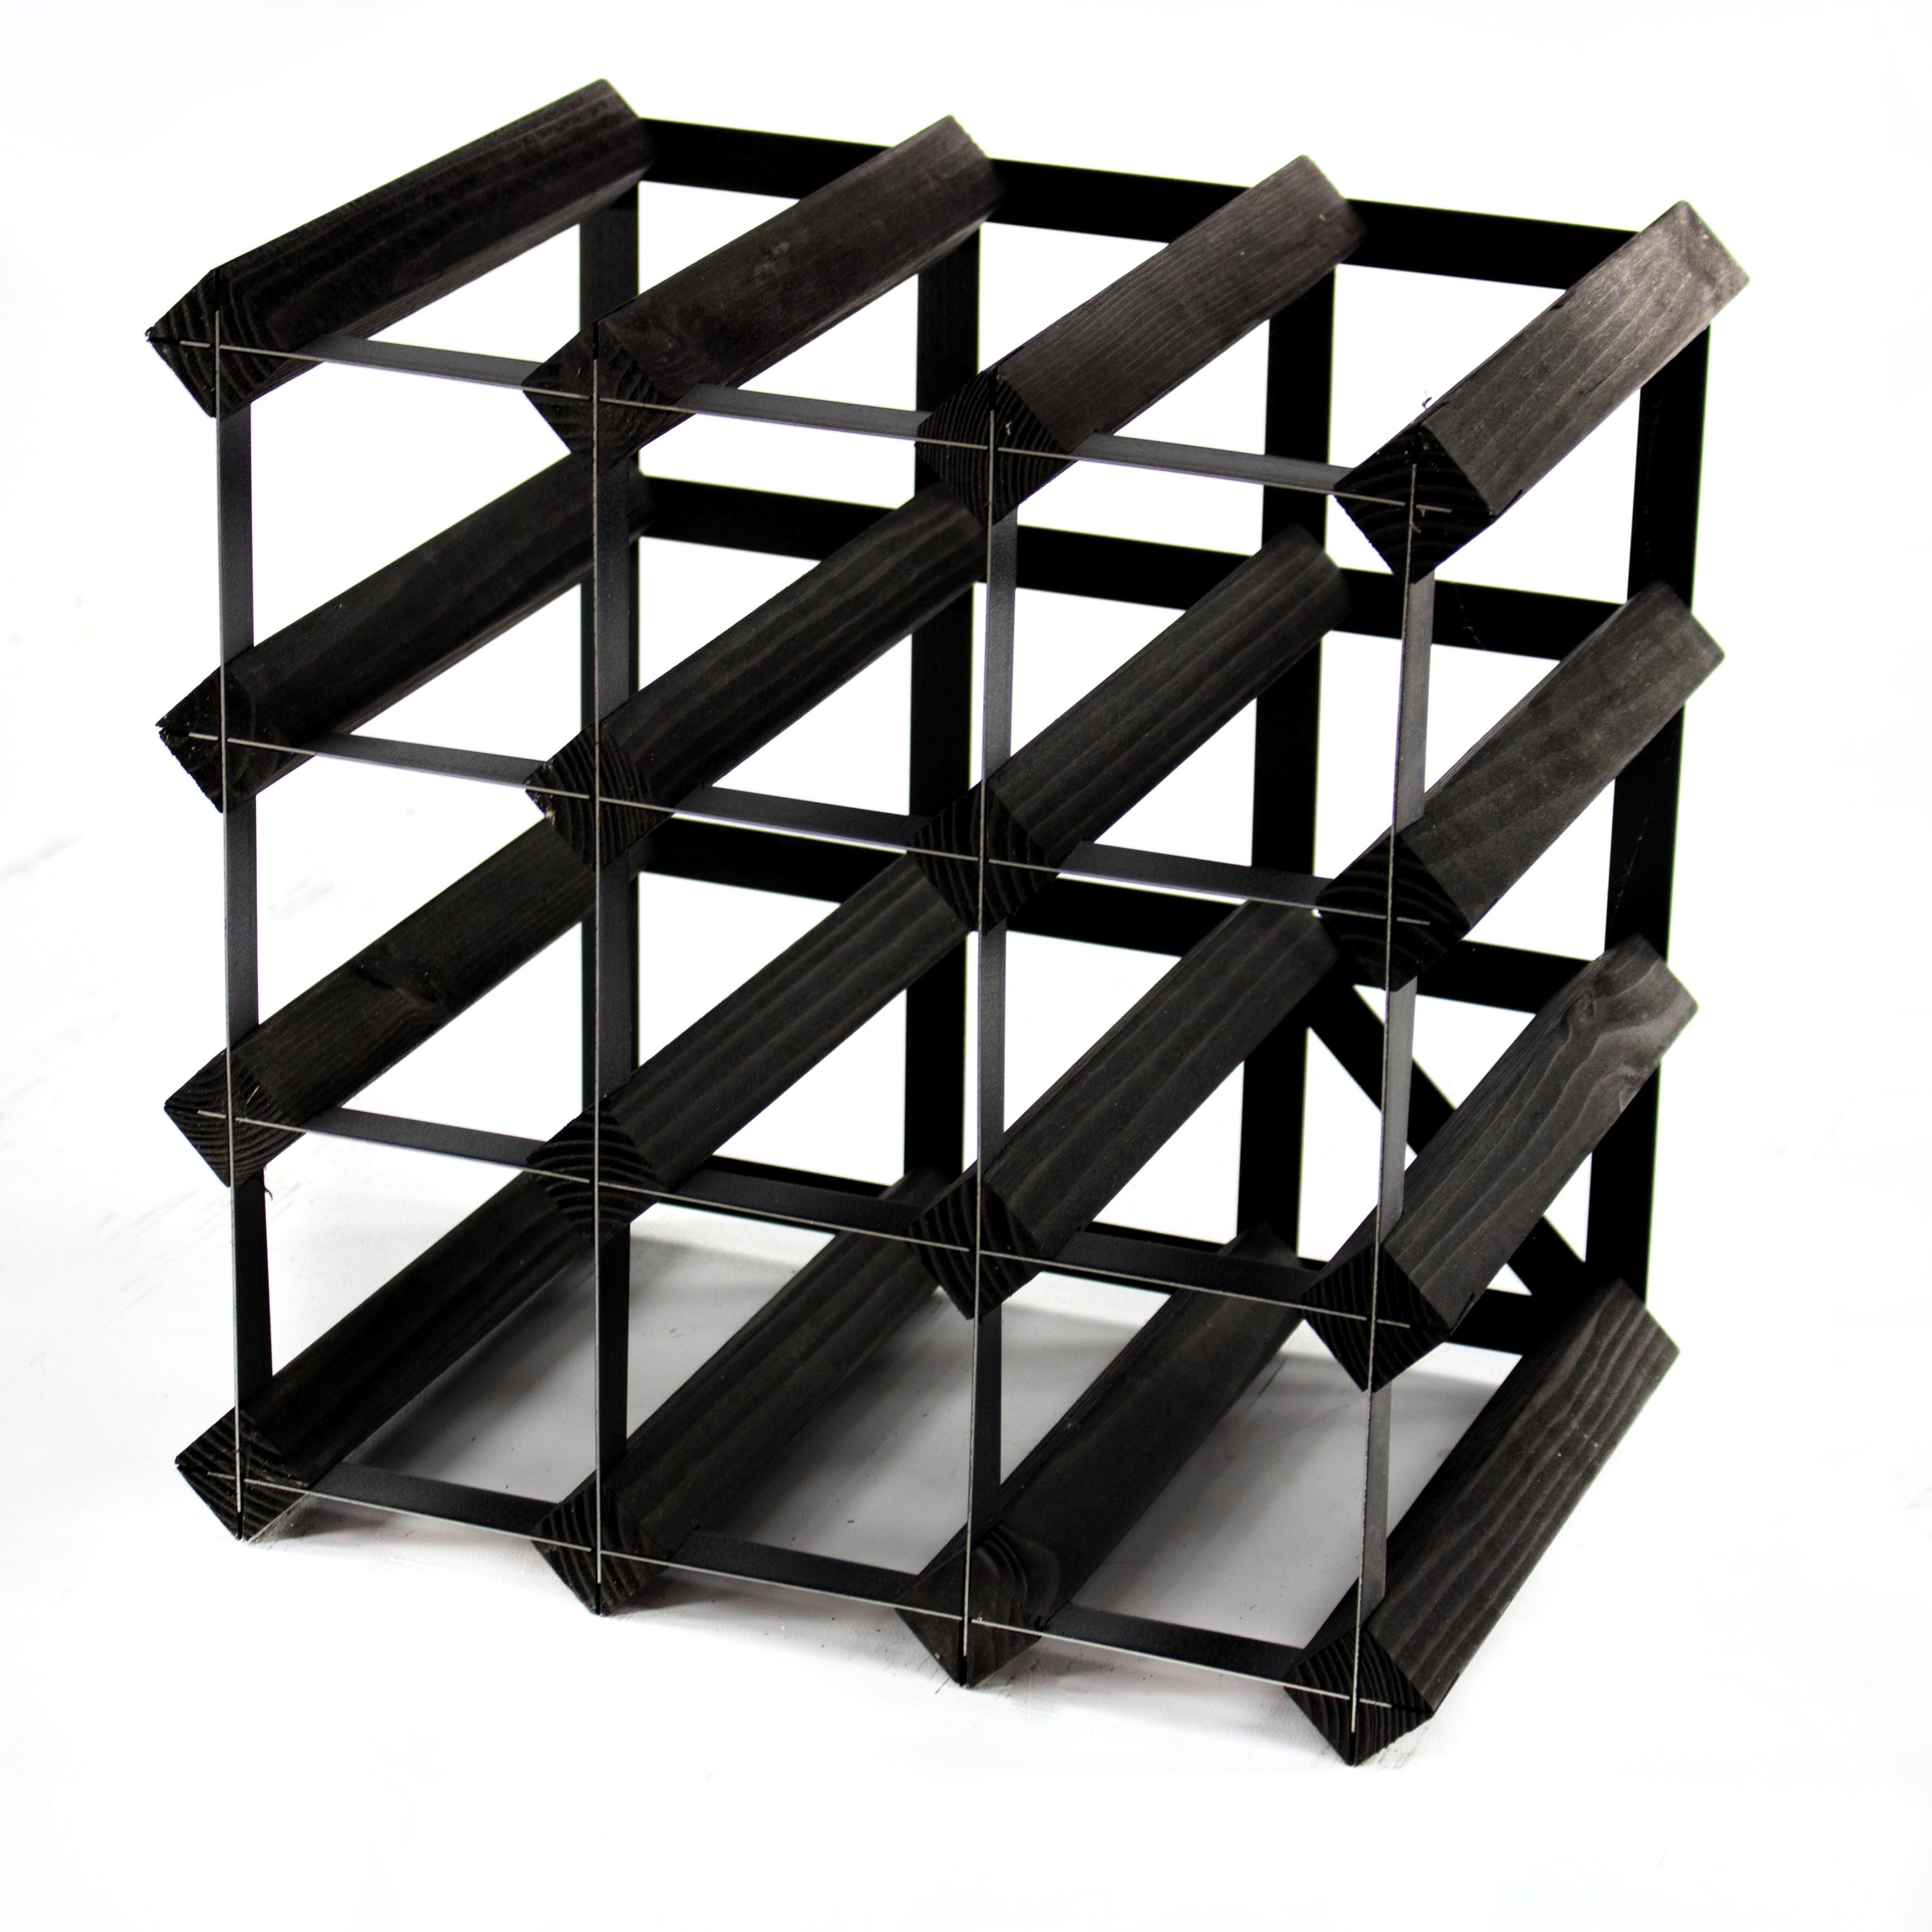 Cranville wine rack storage 12 bottle Black wood and metal assembled